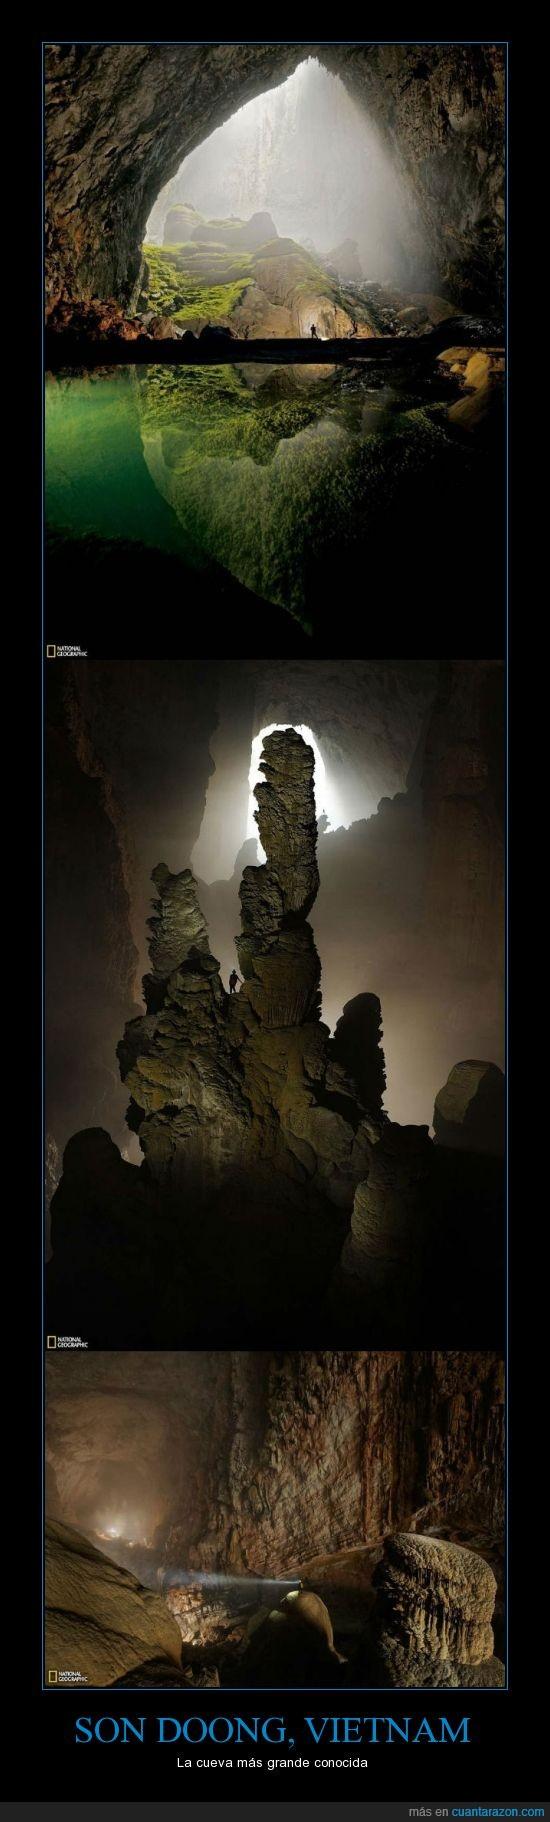 cueva,es la mas grande de todas,natural,vietnam